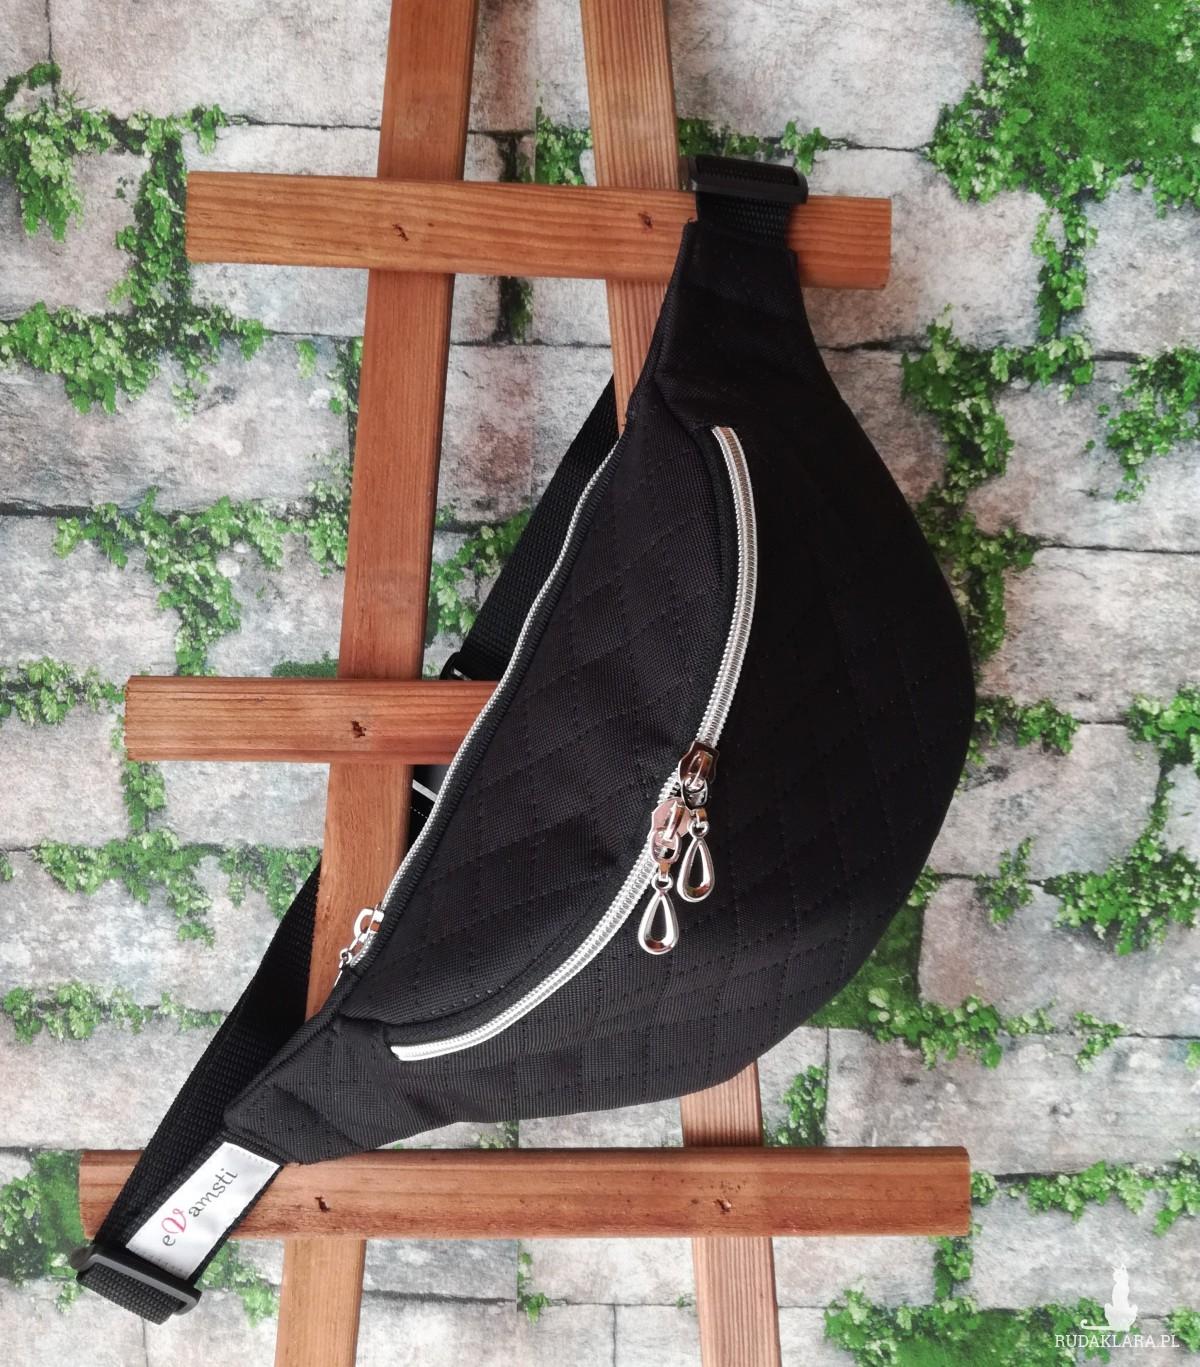 Nerka saszetka biodrowa wodoodporna handmade torebka na pas torebka na ramię czarna pikowana ( zamówienie )